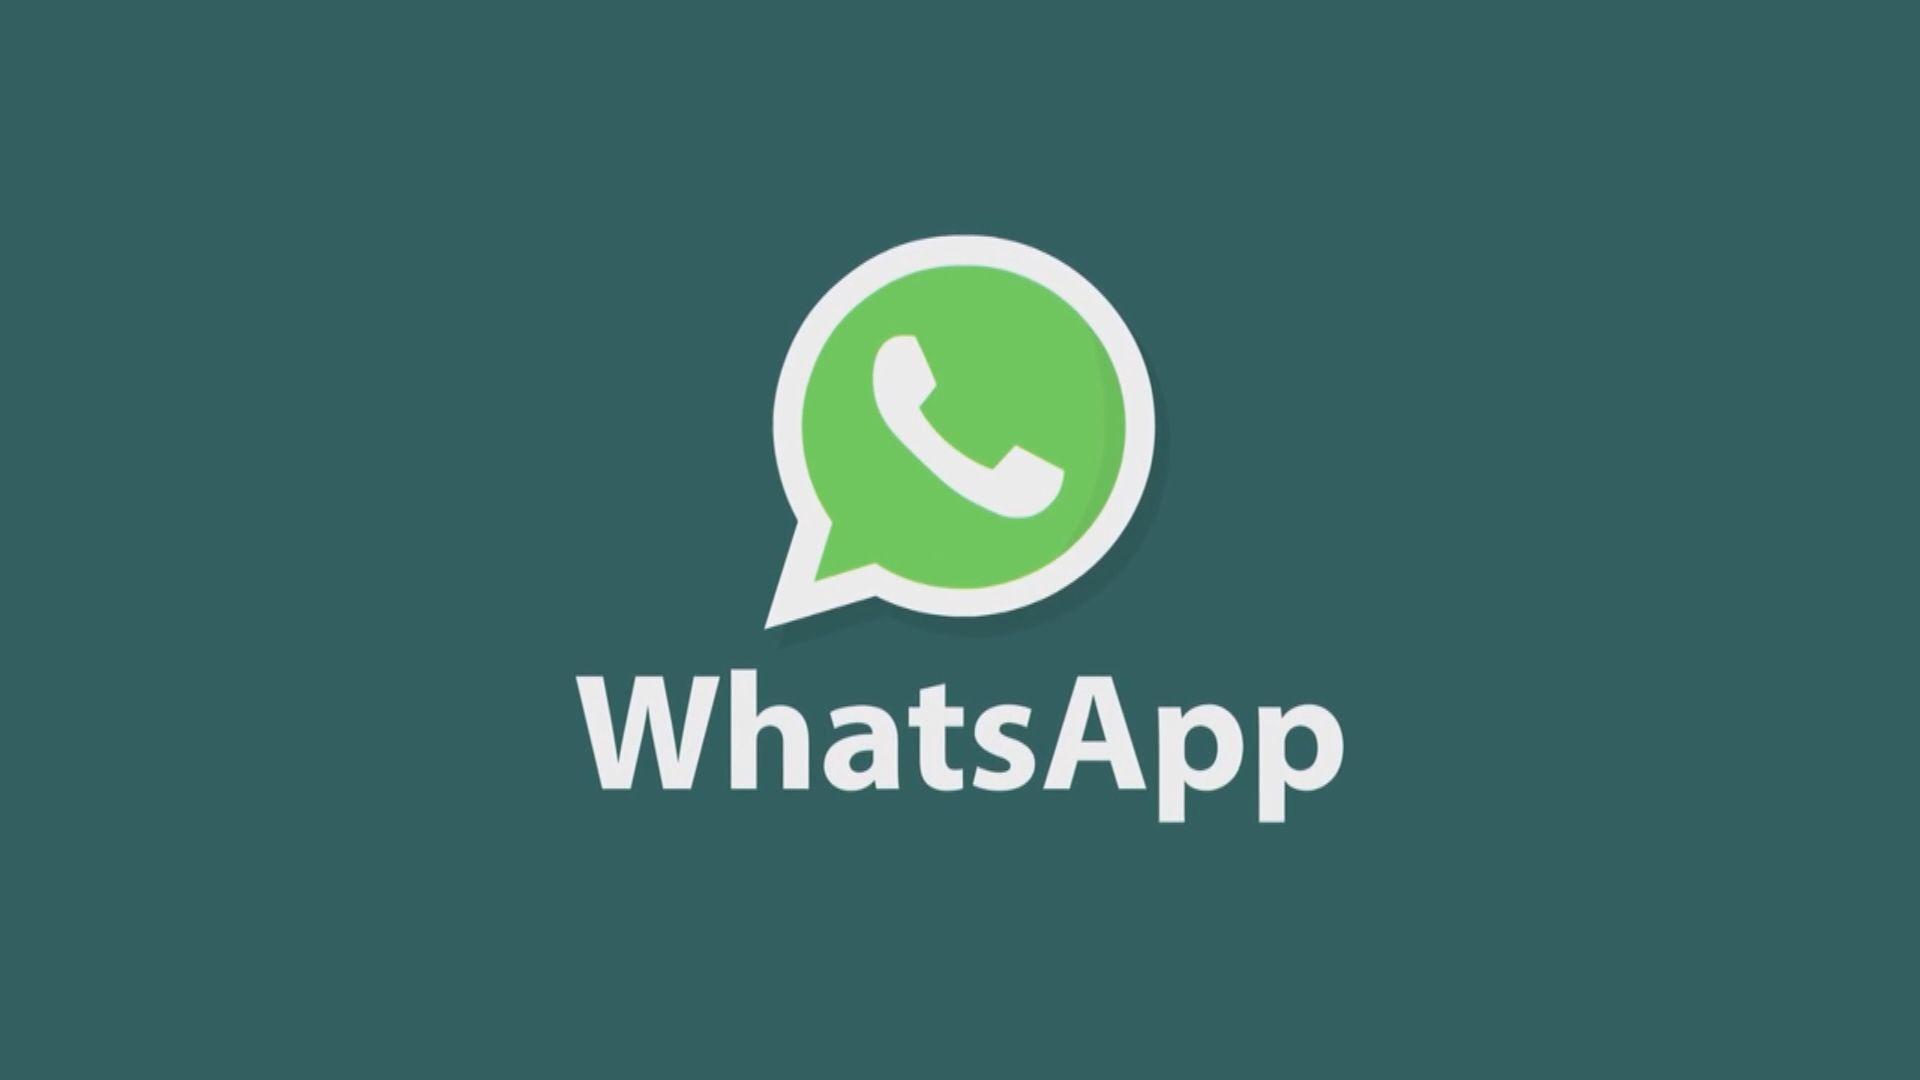 【環球薈報】WhatsApp強制用戶分享資訊 土耳其掀刪除潮